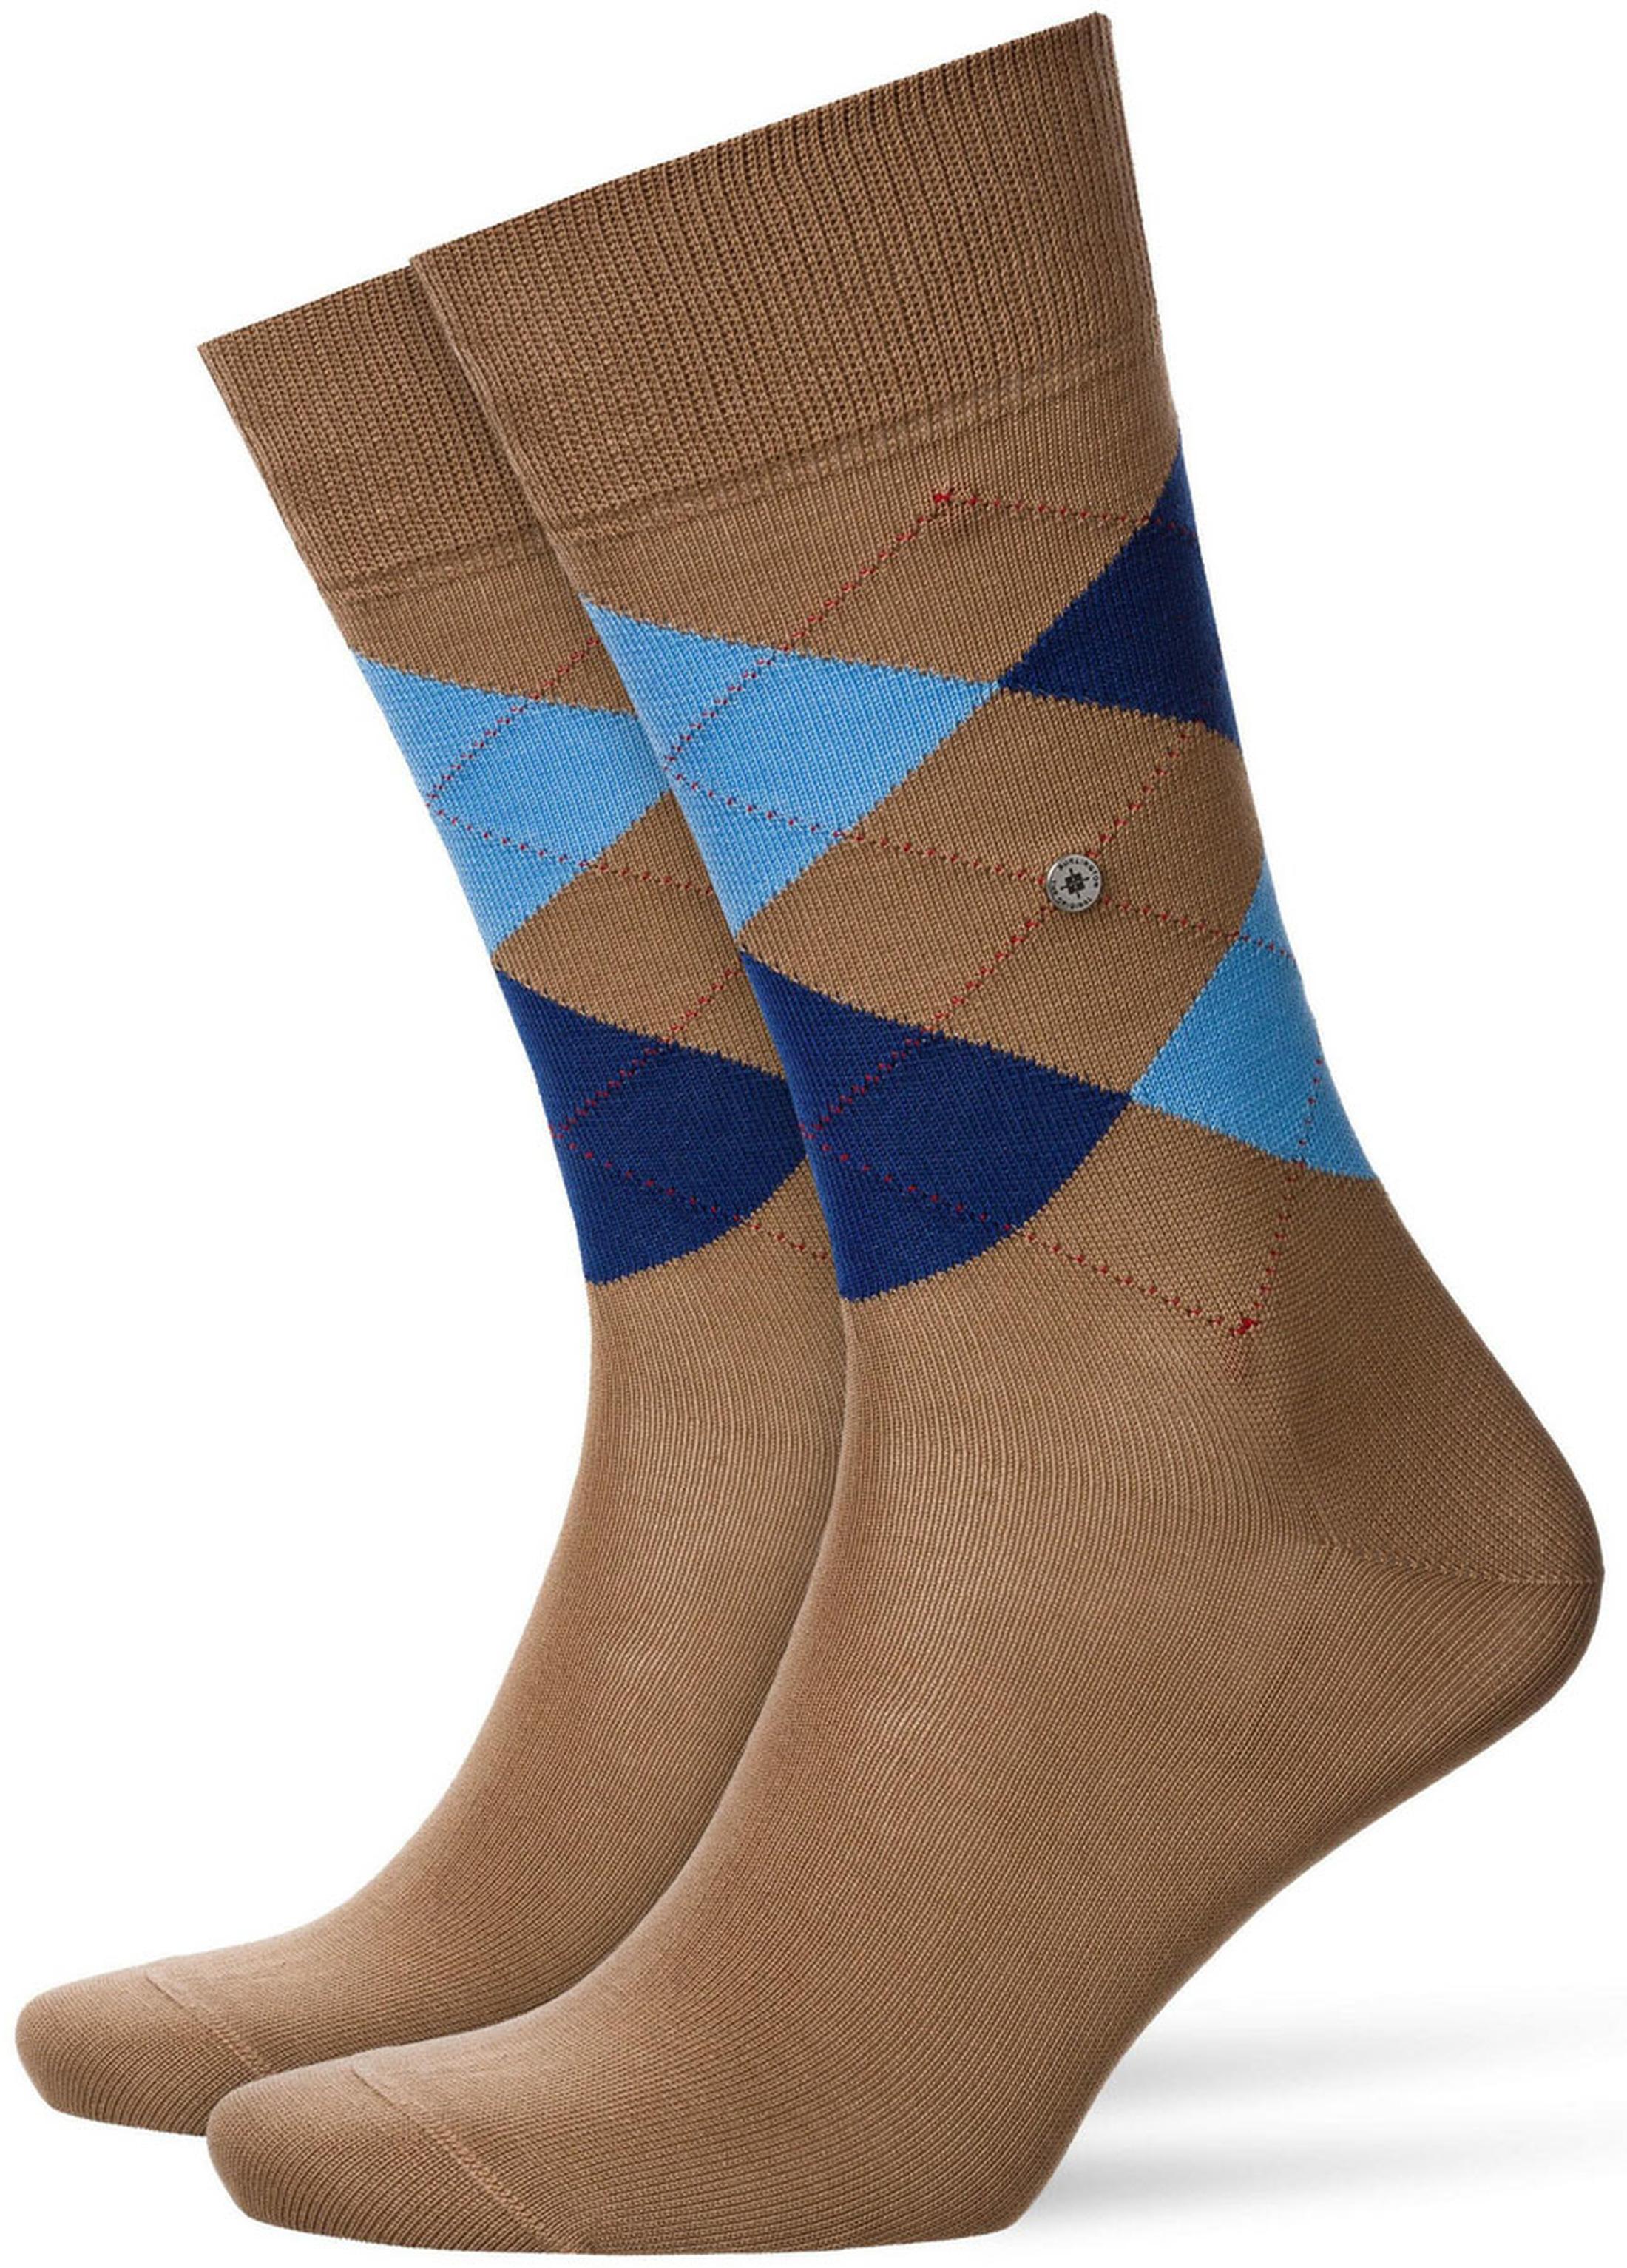 Burlington Manchester Socken Rosenholz 5066